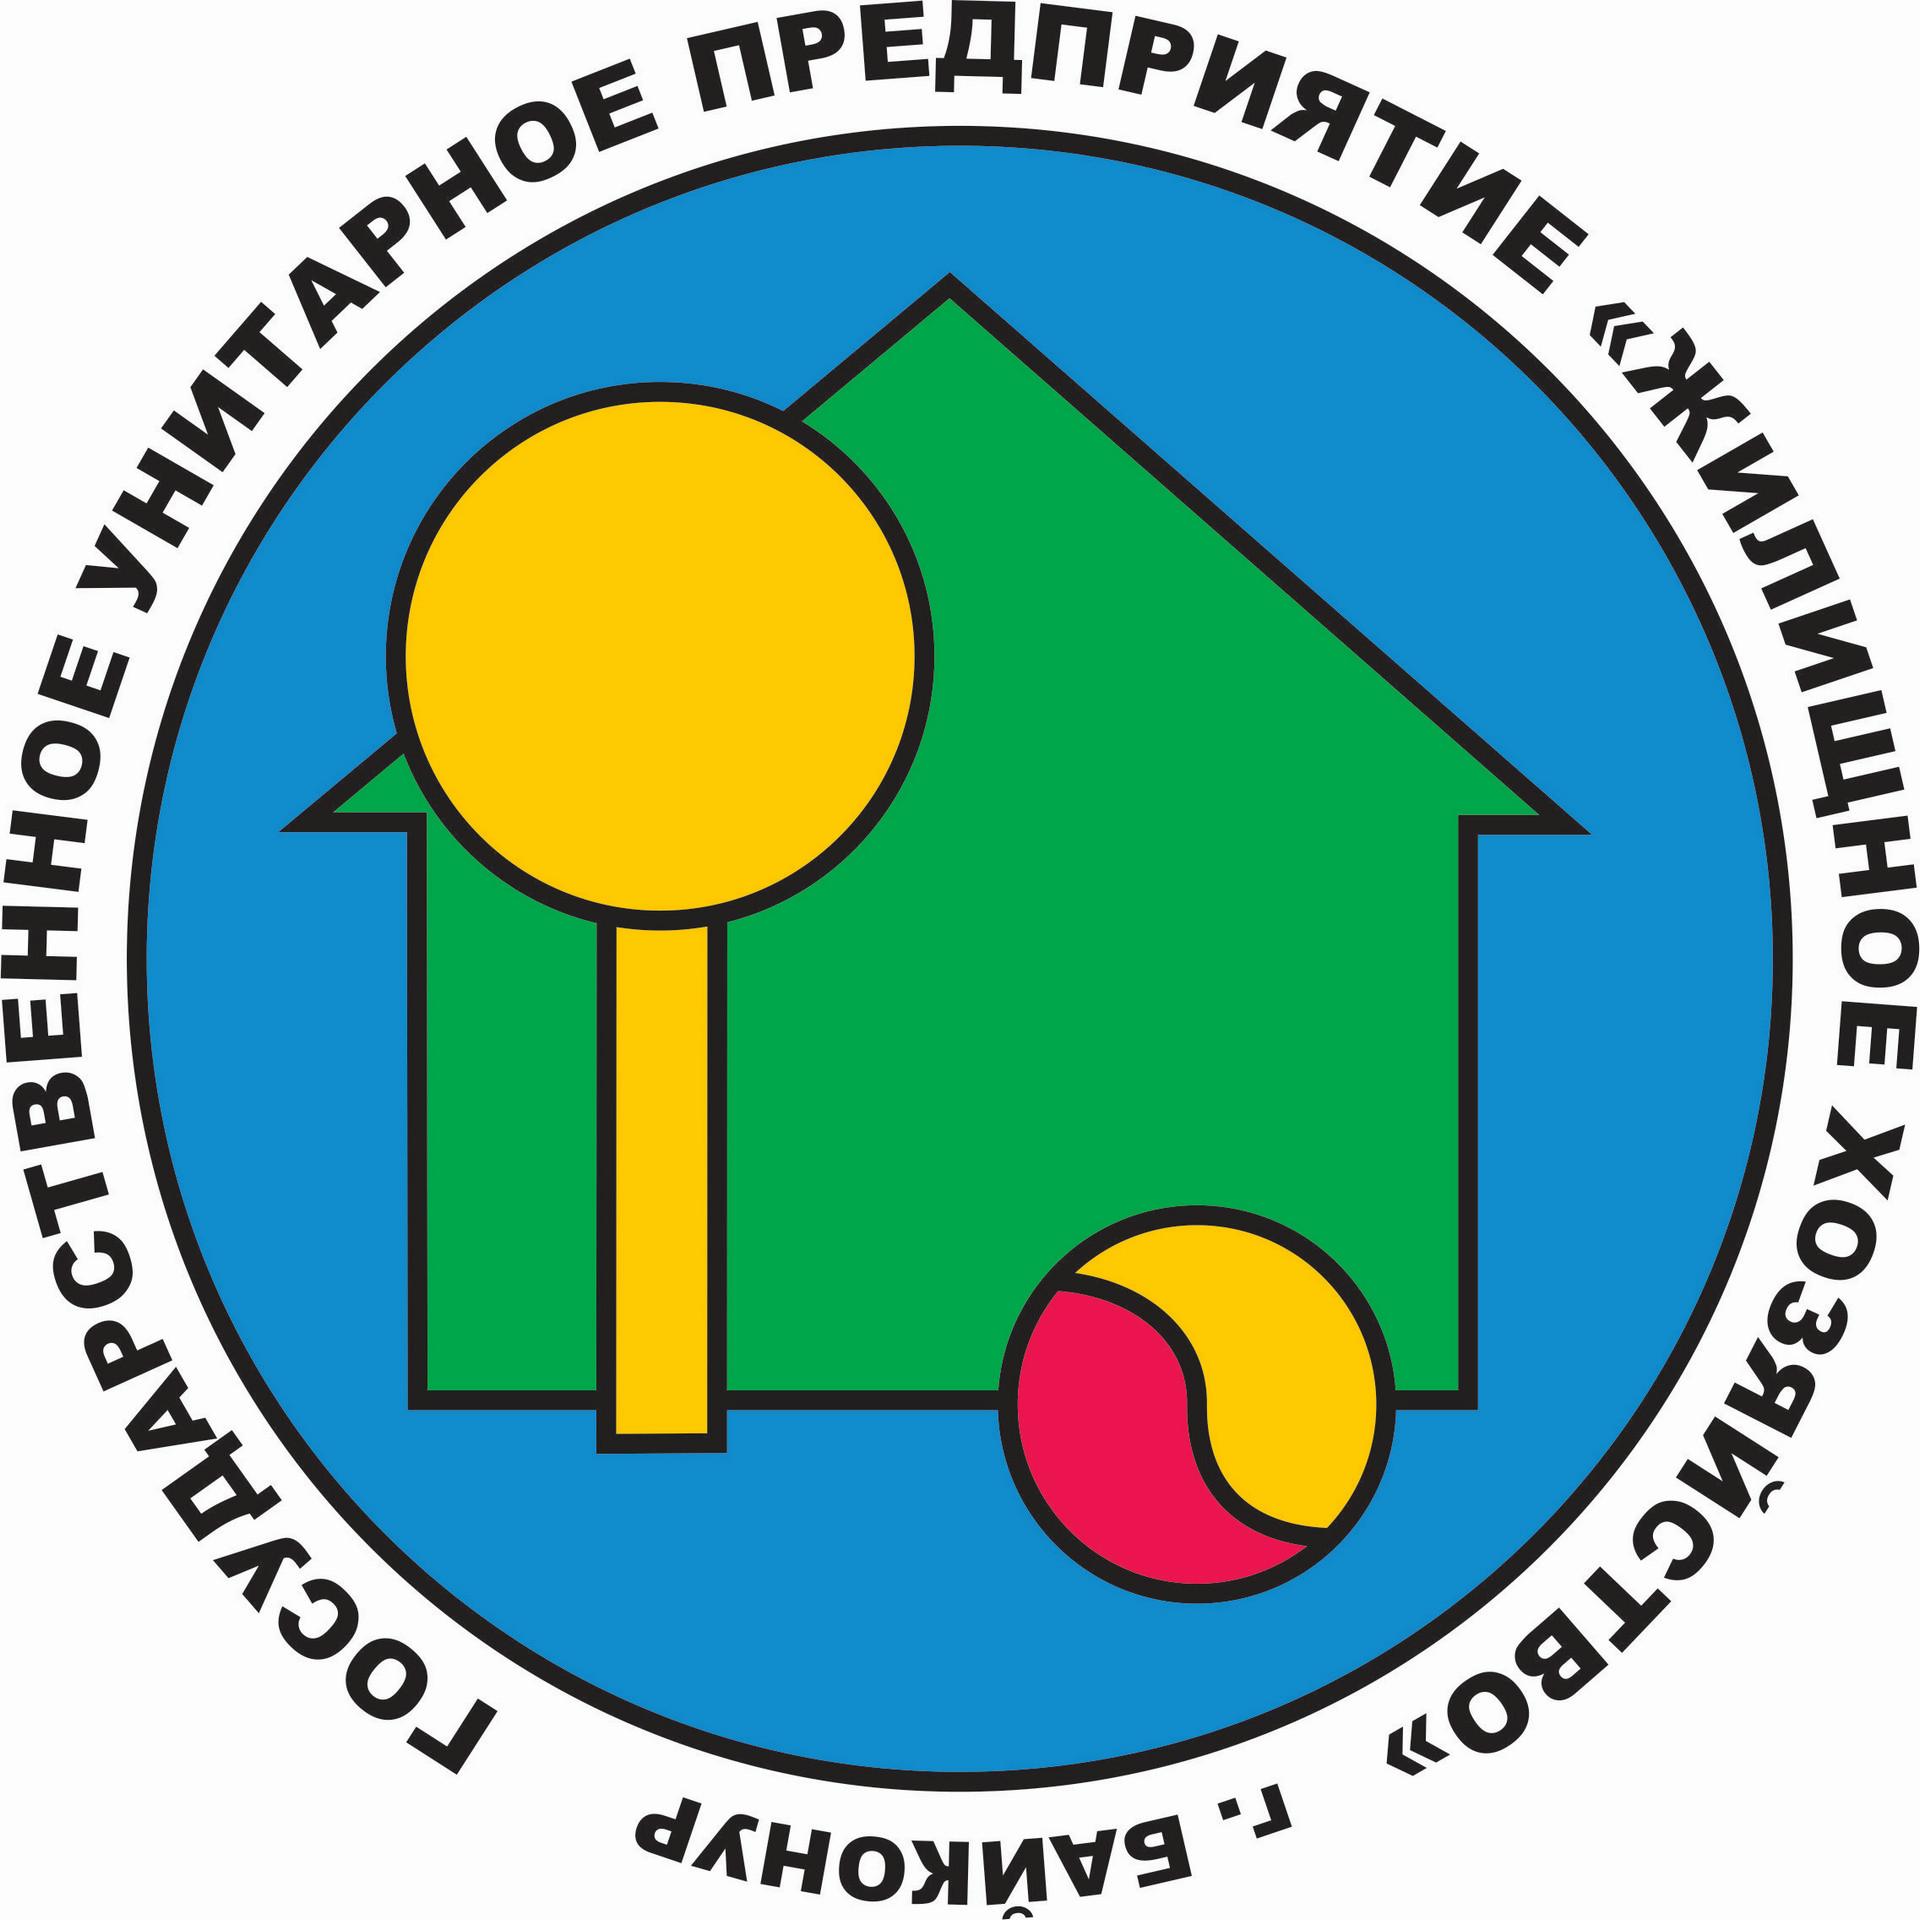 Поздравление главы администрации города Байконура с днём образования ГУПЖХ